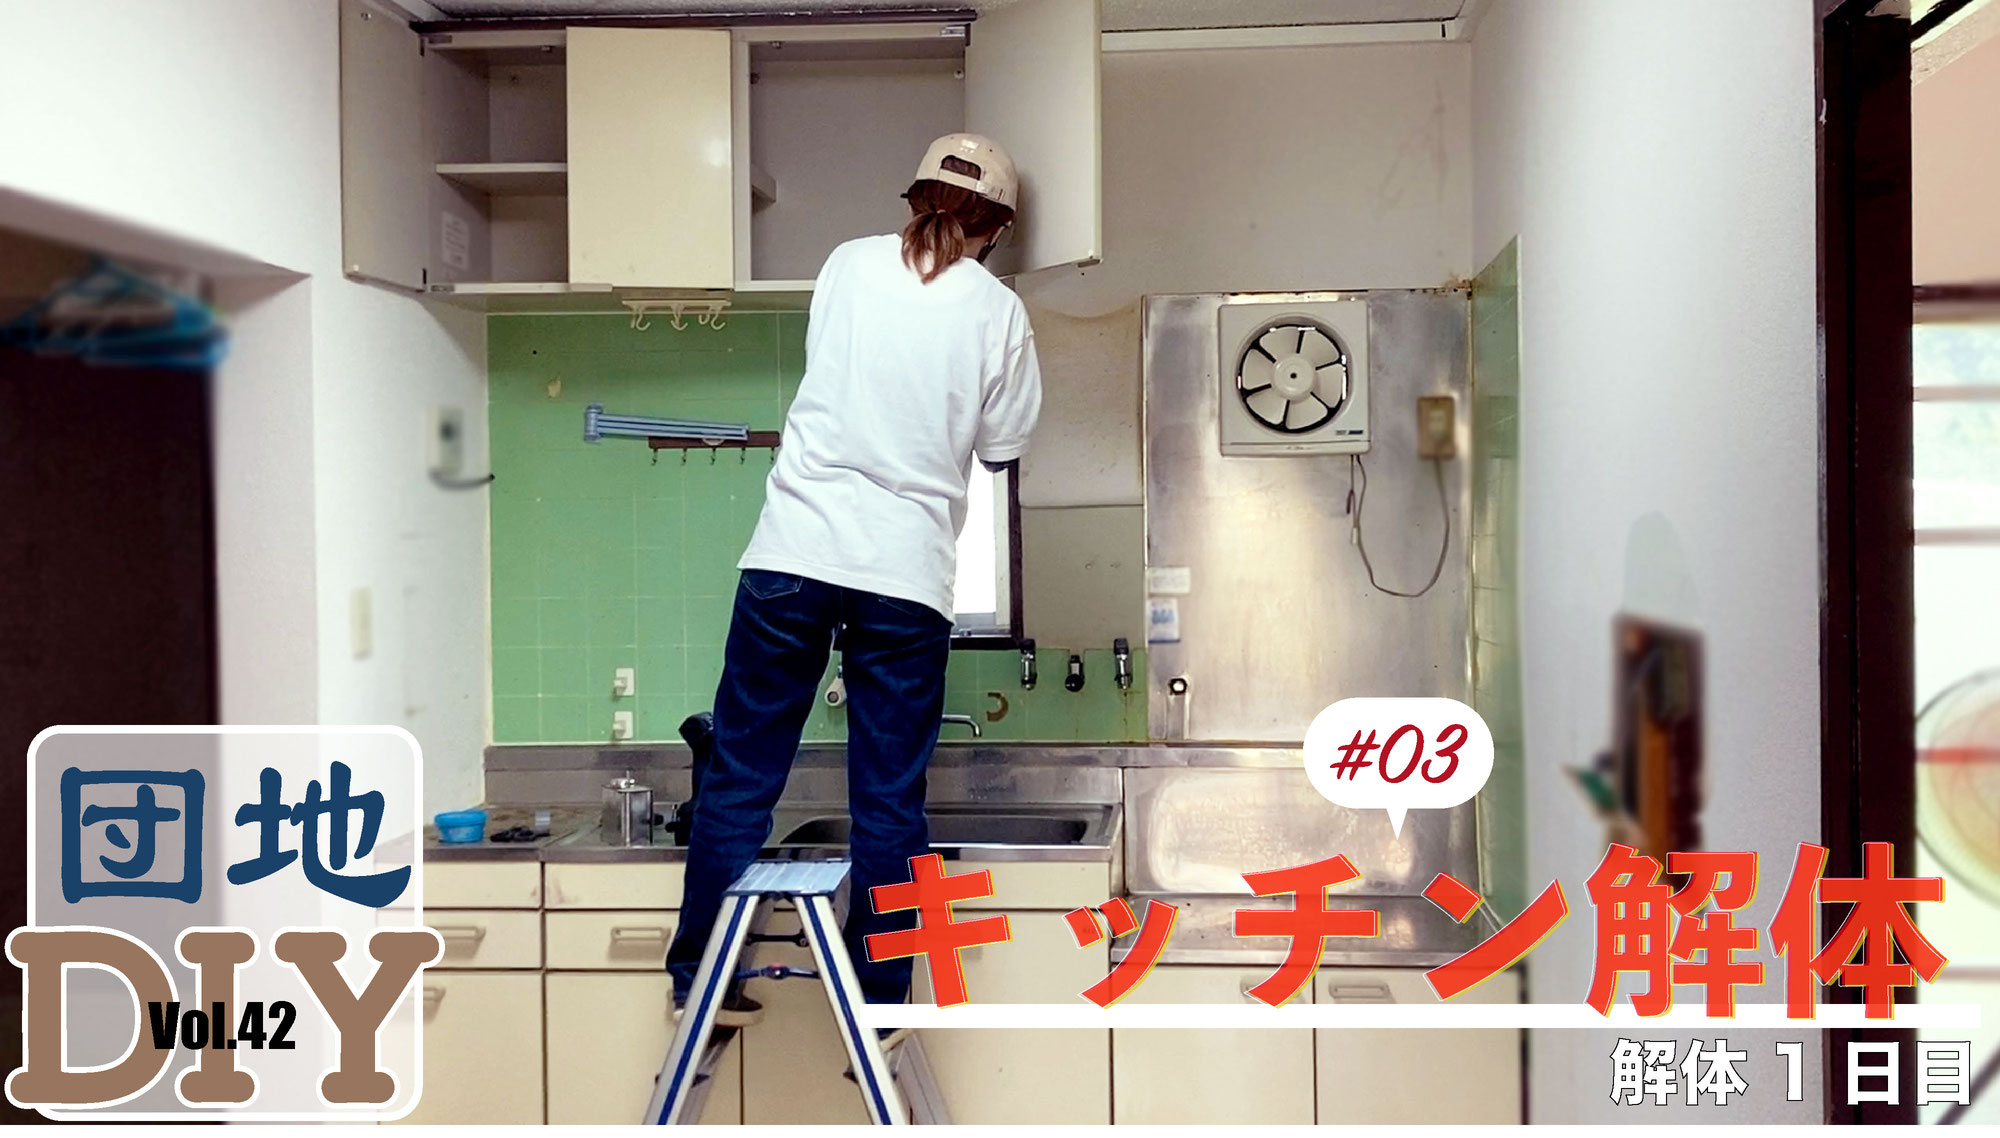 〜 団地改装プロジェクト〜 【解体編3】